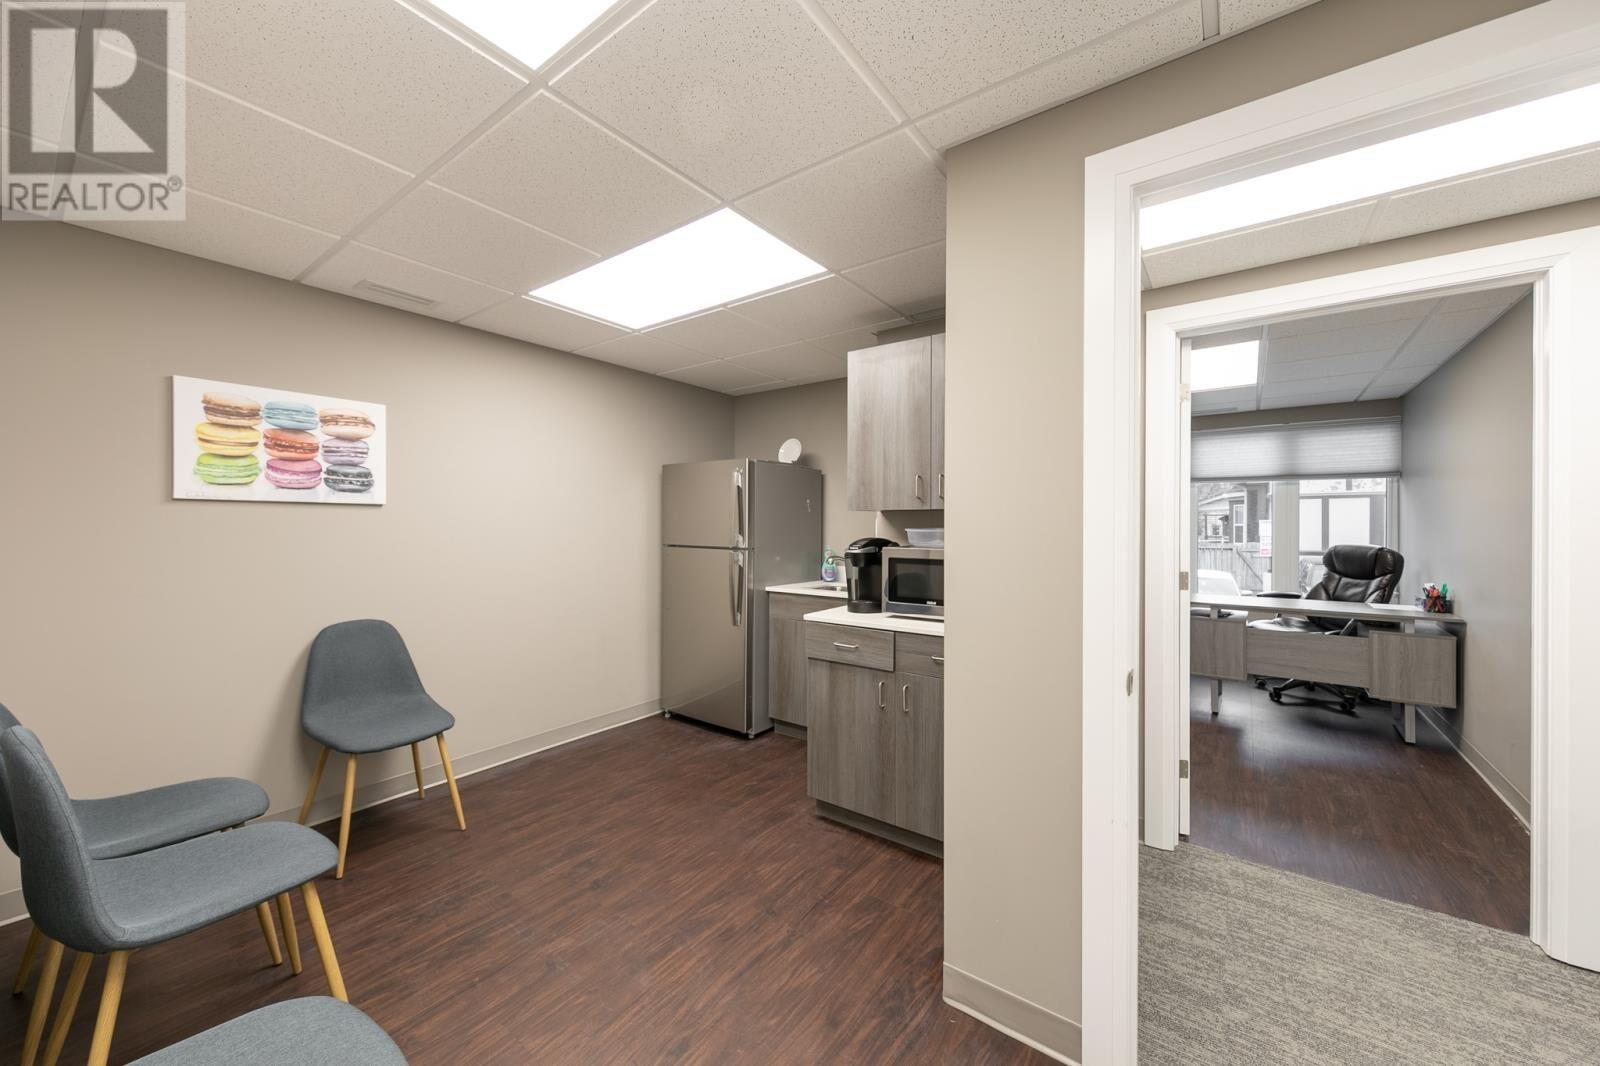 Image nr 18 for listing 1083 OUELLETTE AVENUE, Windsor